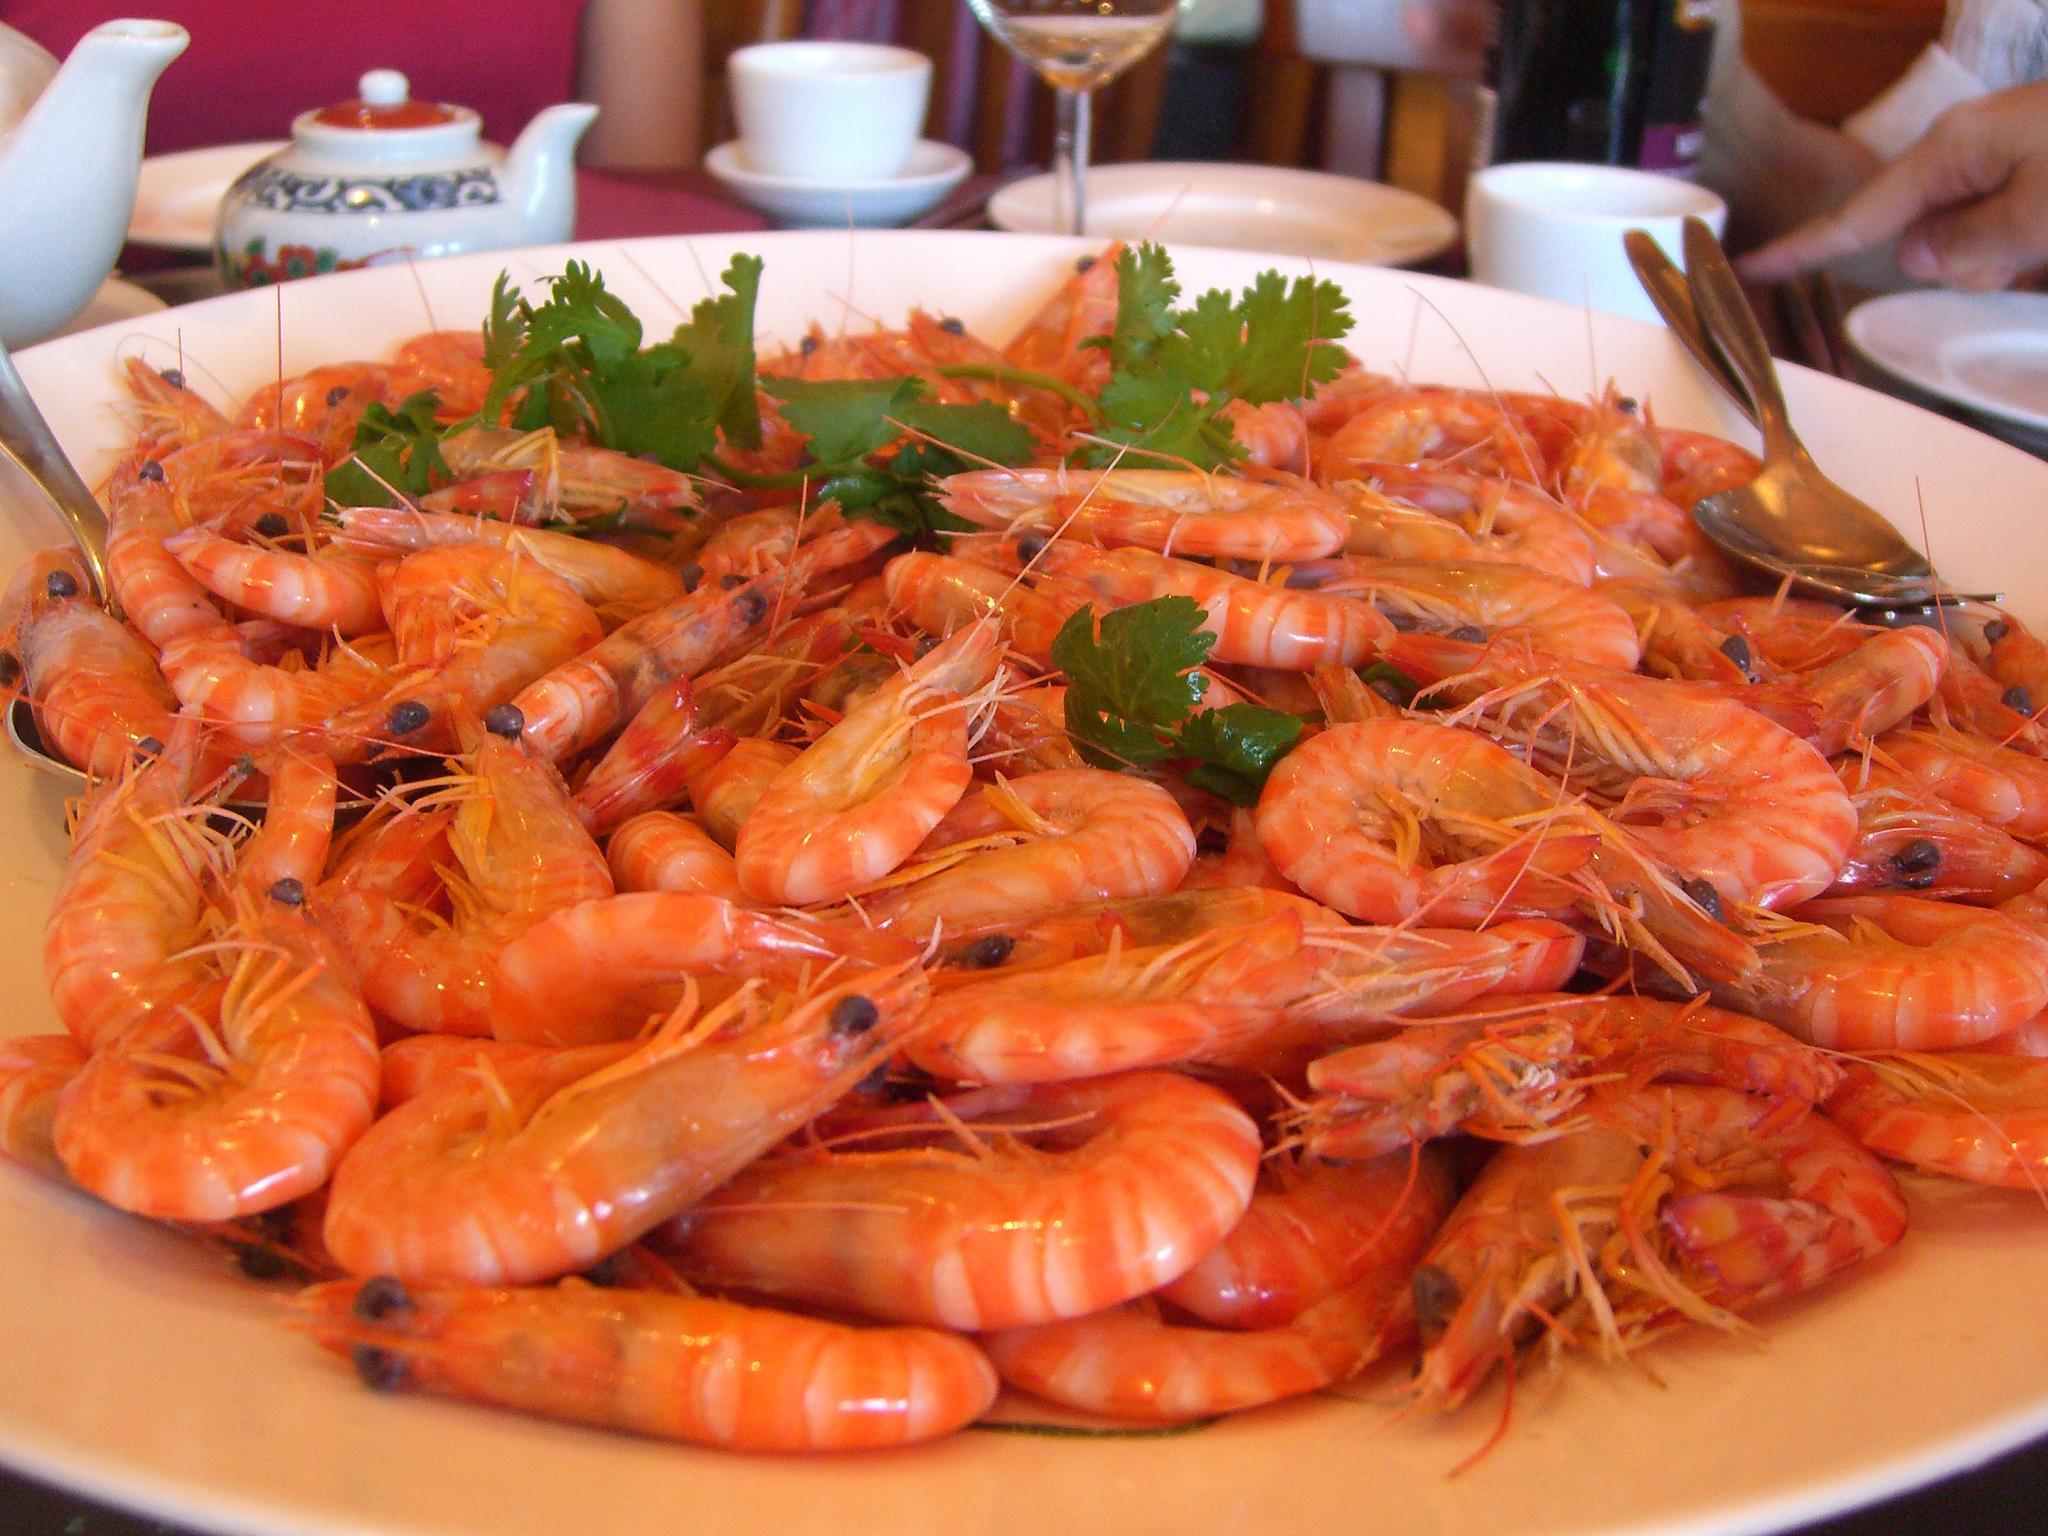 File:Canto white boiled shrimp.jpg - Wikimedia Commons